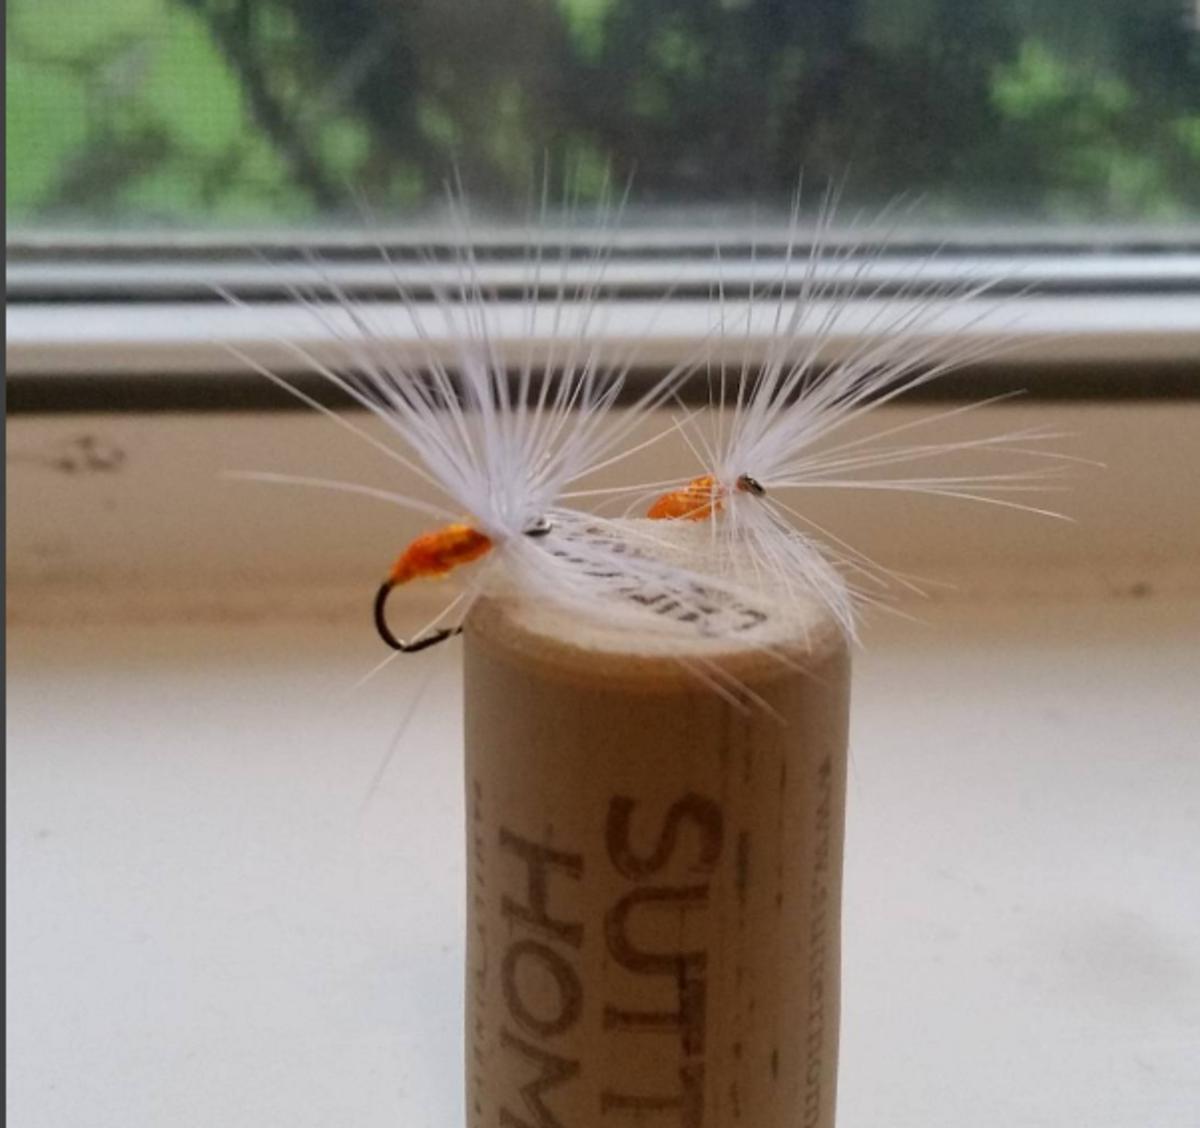 tenkarafly